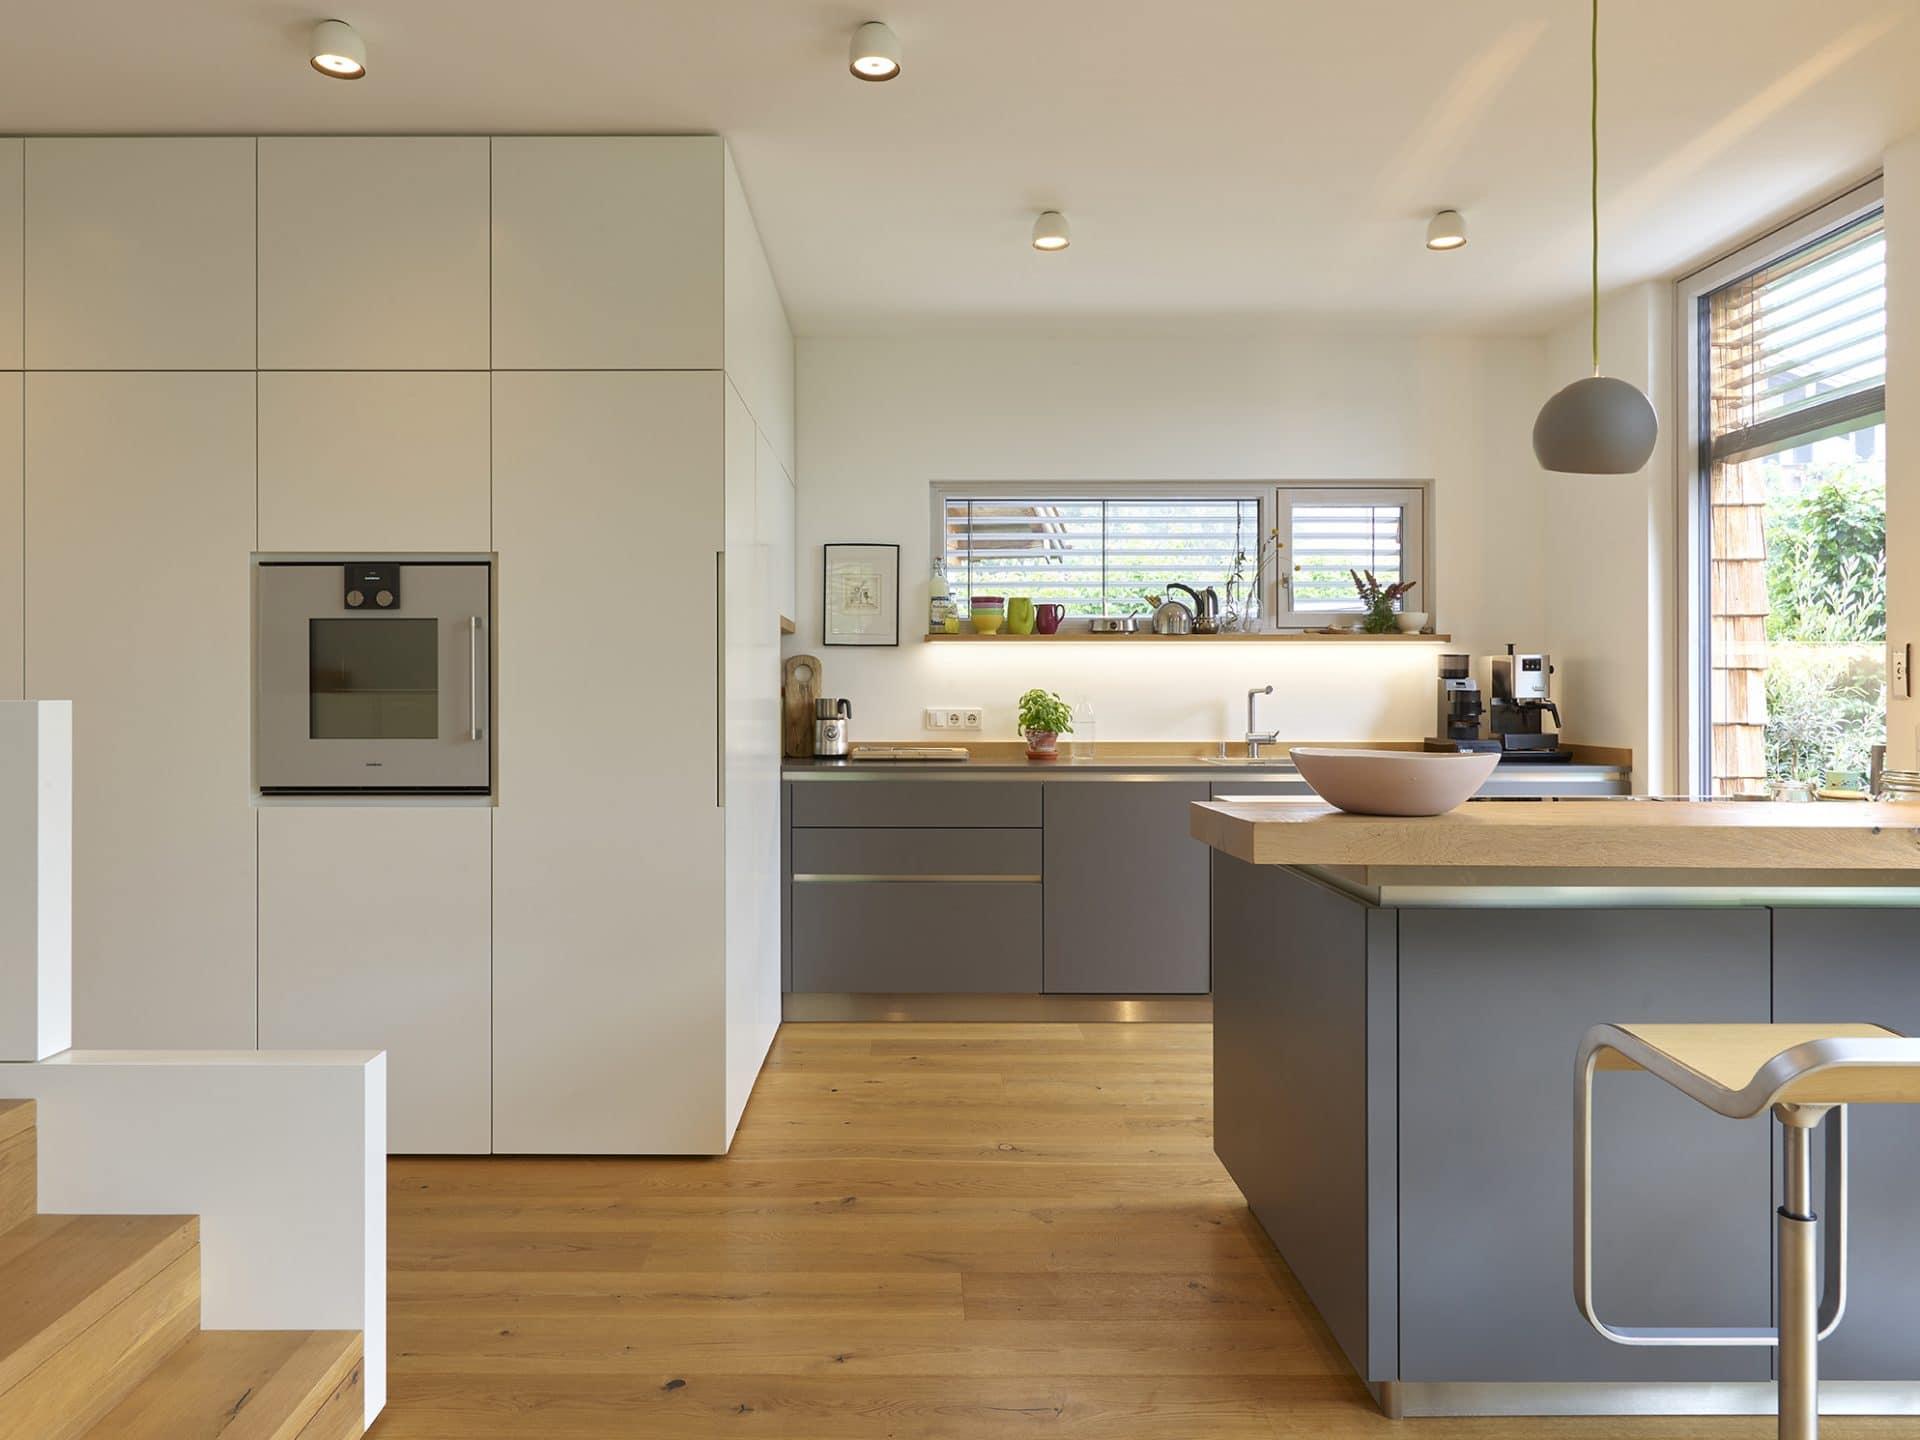 Küchendesign von VOIT in Eiche Natur mit BetonART und Edelstahl - Weiß graue Fronten und Naturarbeitsplatte aus Eiche.